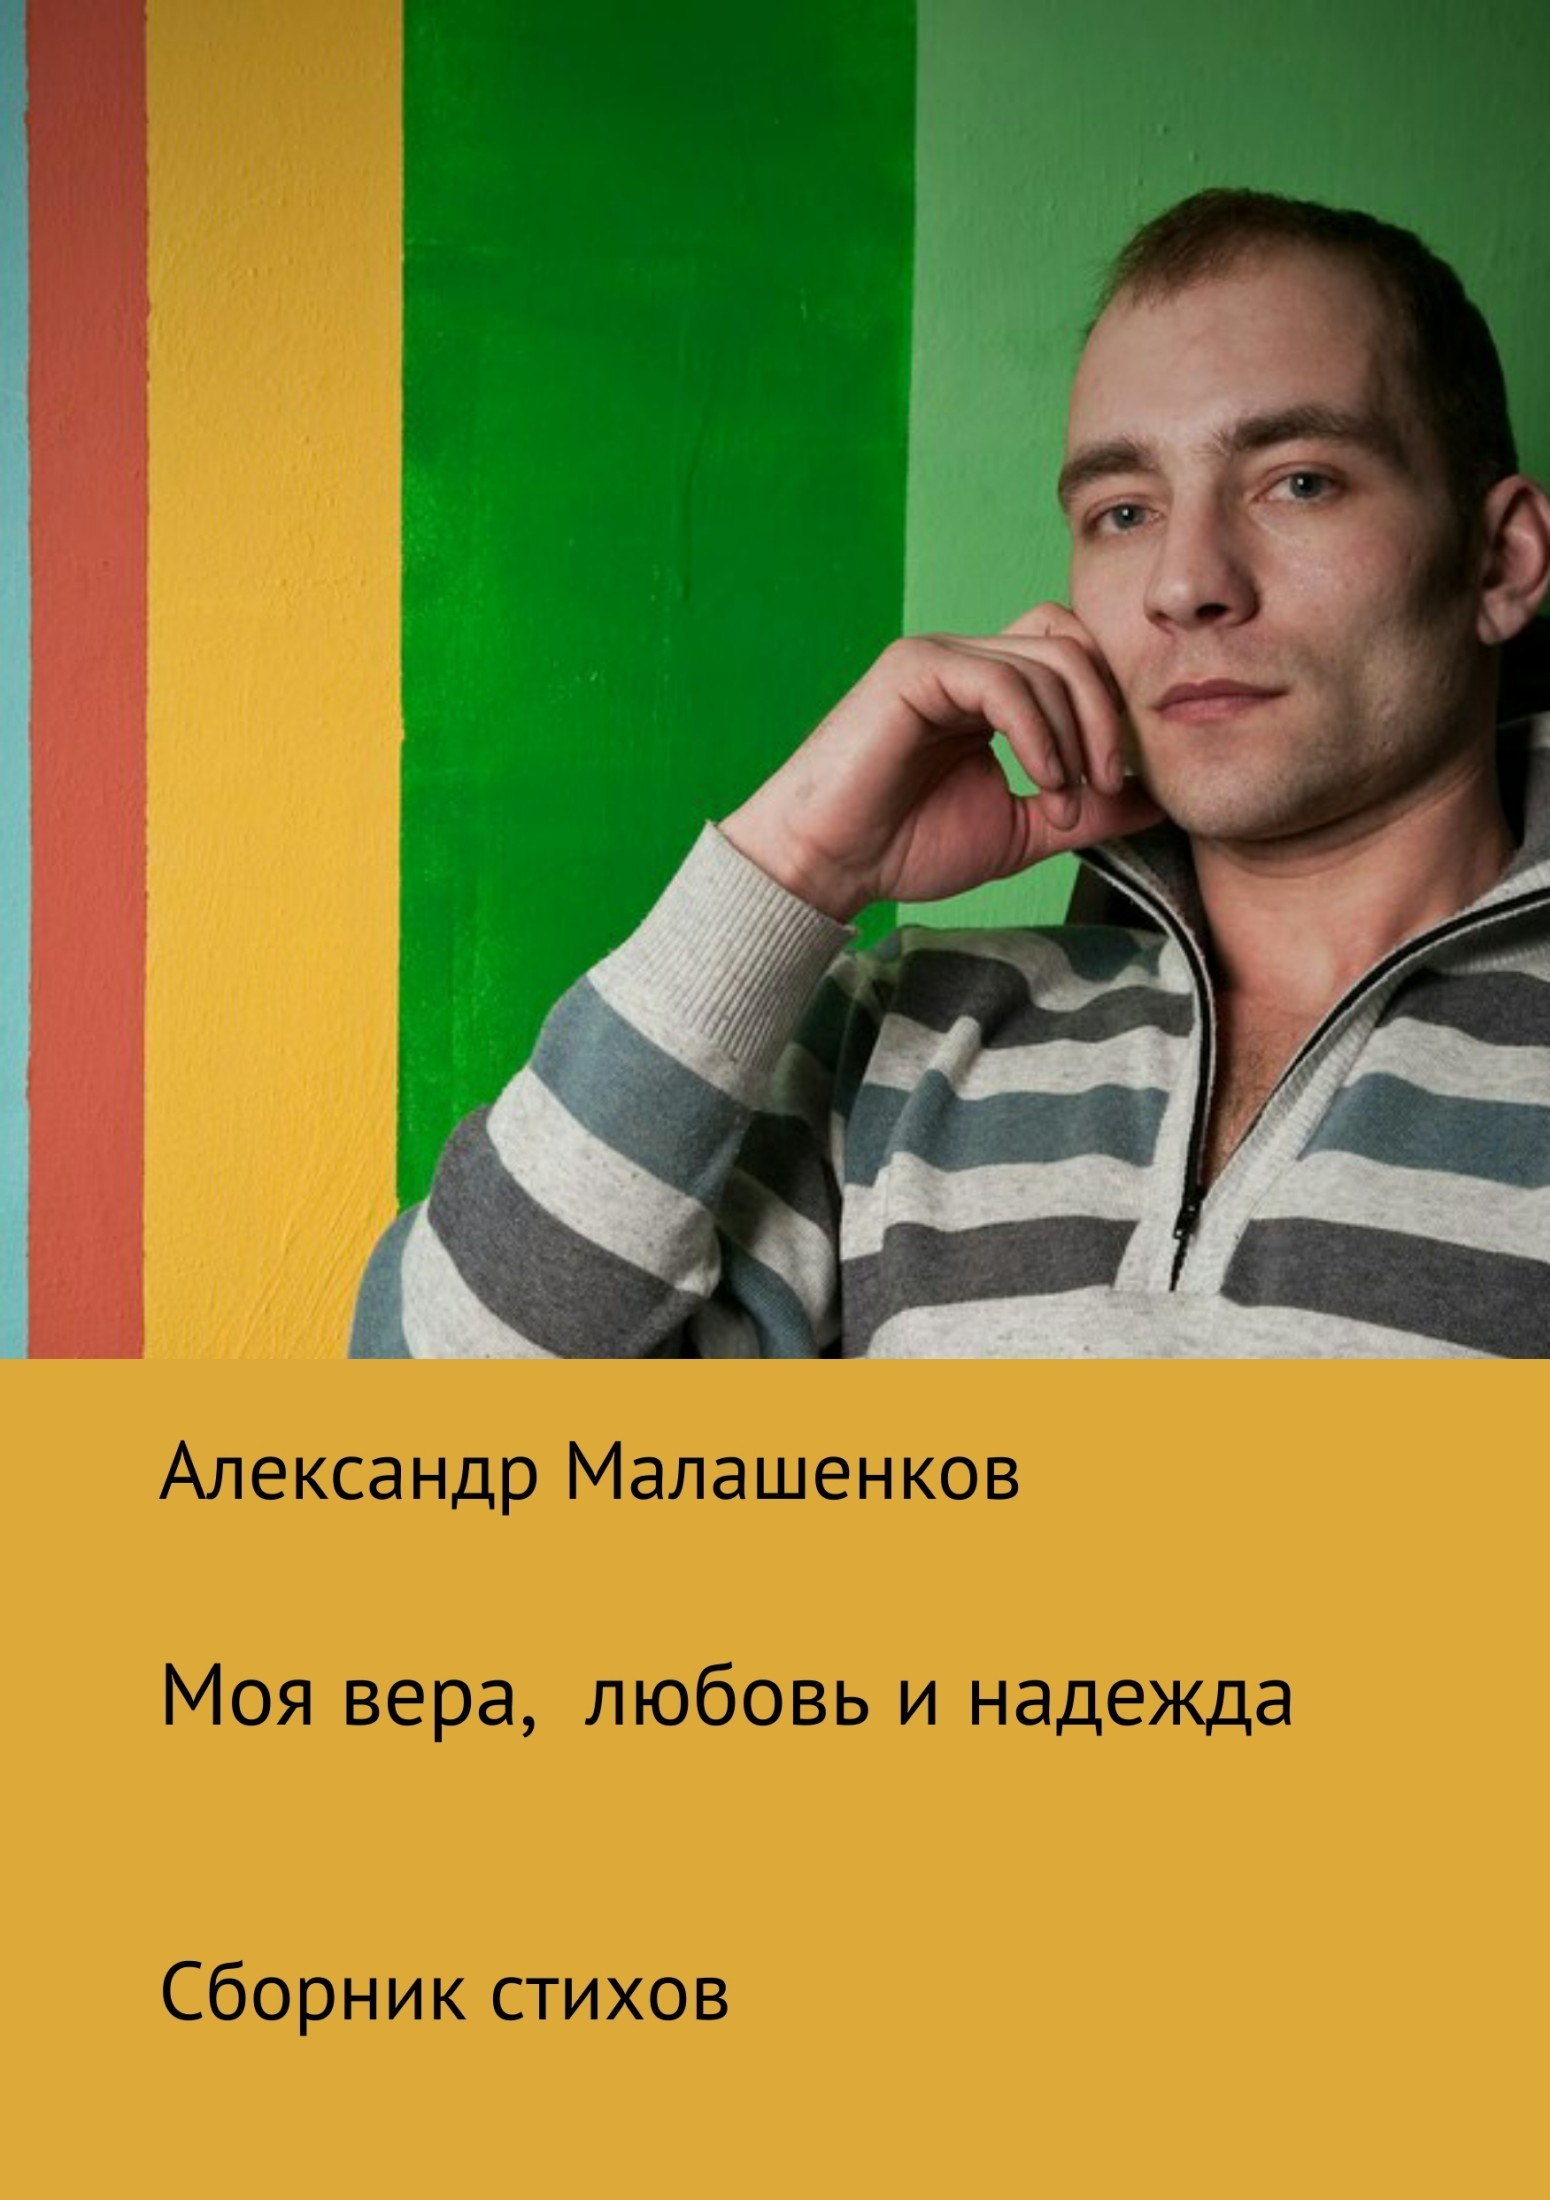 Александр Олегович Малашенков Моя вера, любовь и надежда. Сборник стихов цена